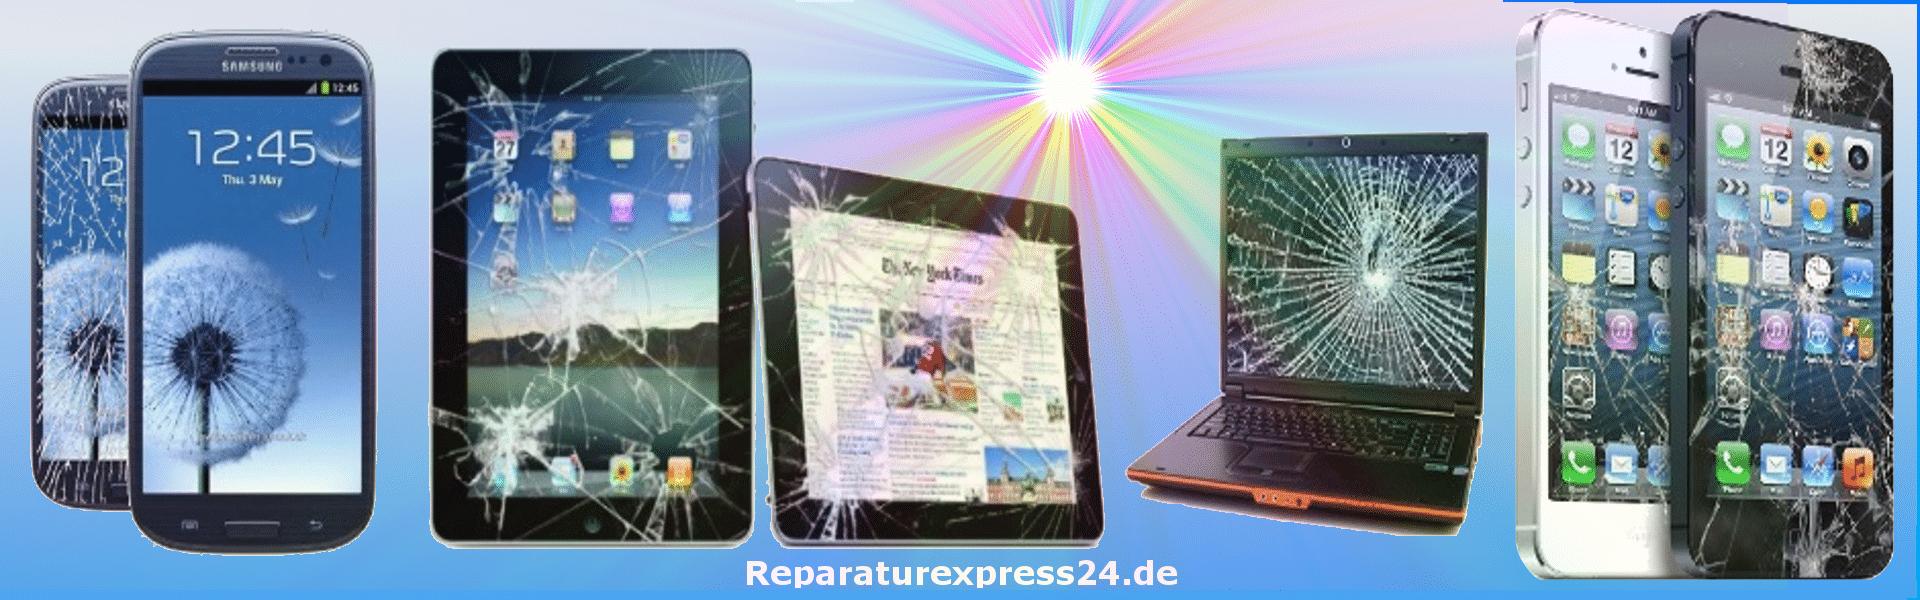 iphone sofort reparatur münchen